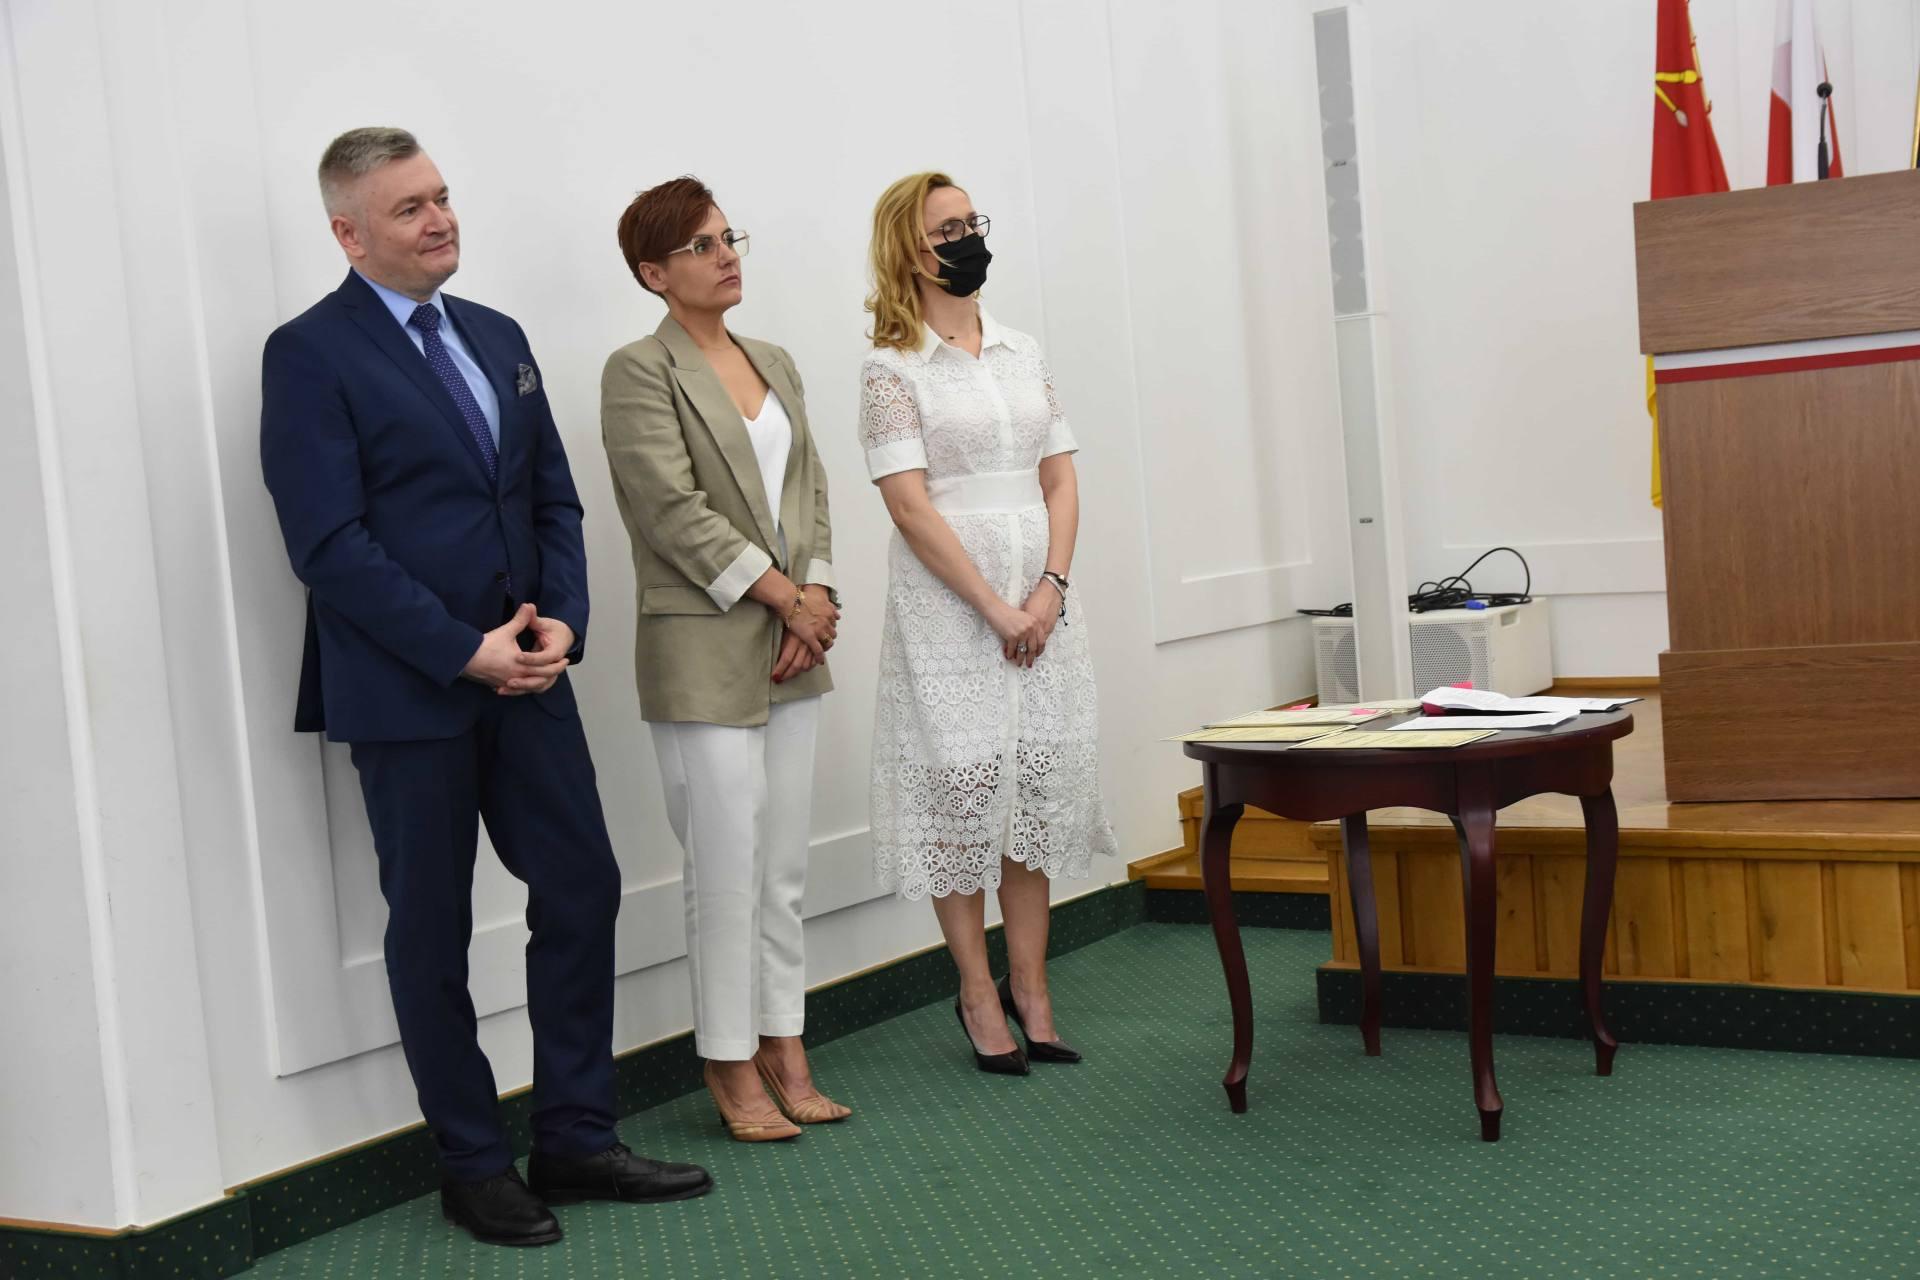 dsc 5251 Uroczyste podsumowanie Konkursu Recytatorsko-Fotograficznego inspirowanego twórczością Tadeusza Różewicza [ZDJĘCIA]